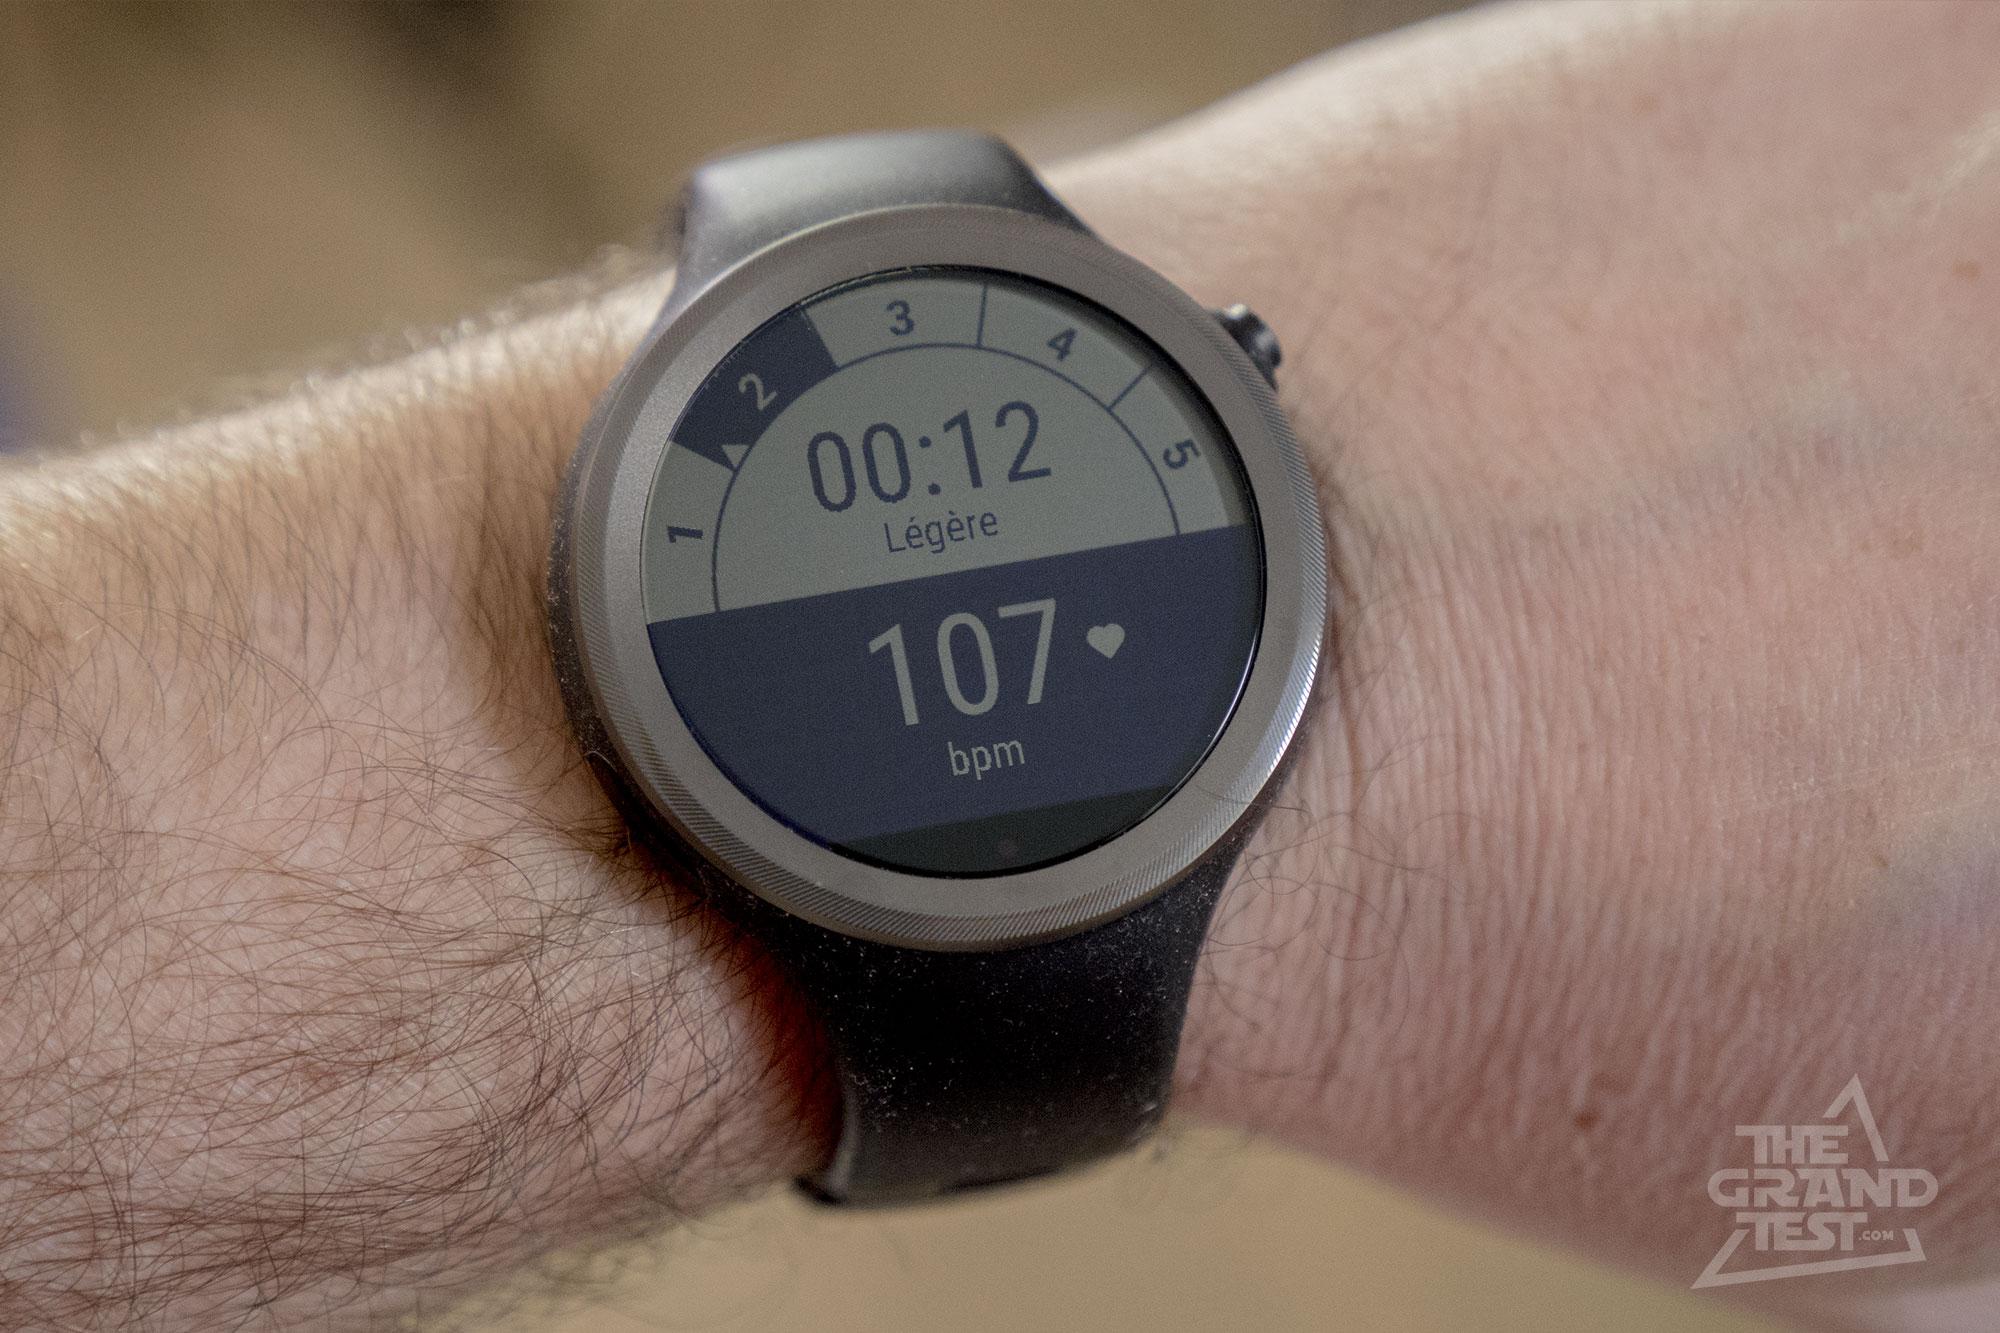 Moto 360 Sport : smartwatch Android Wear pour le sport